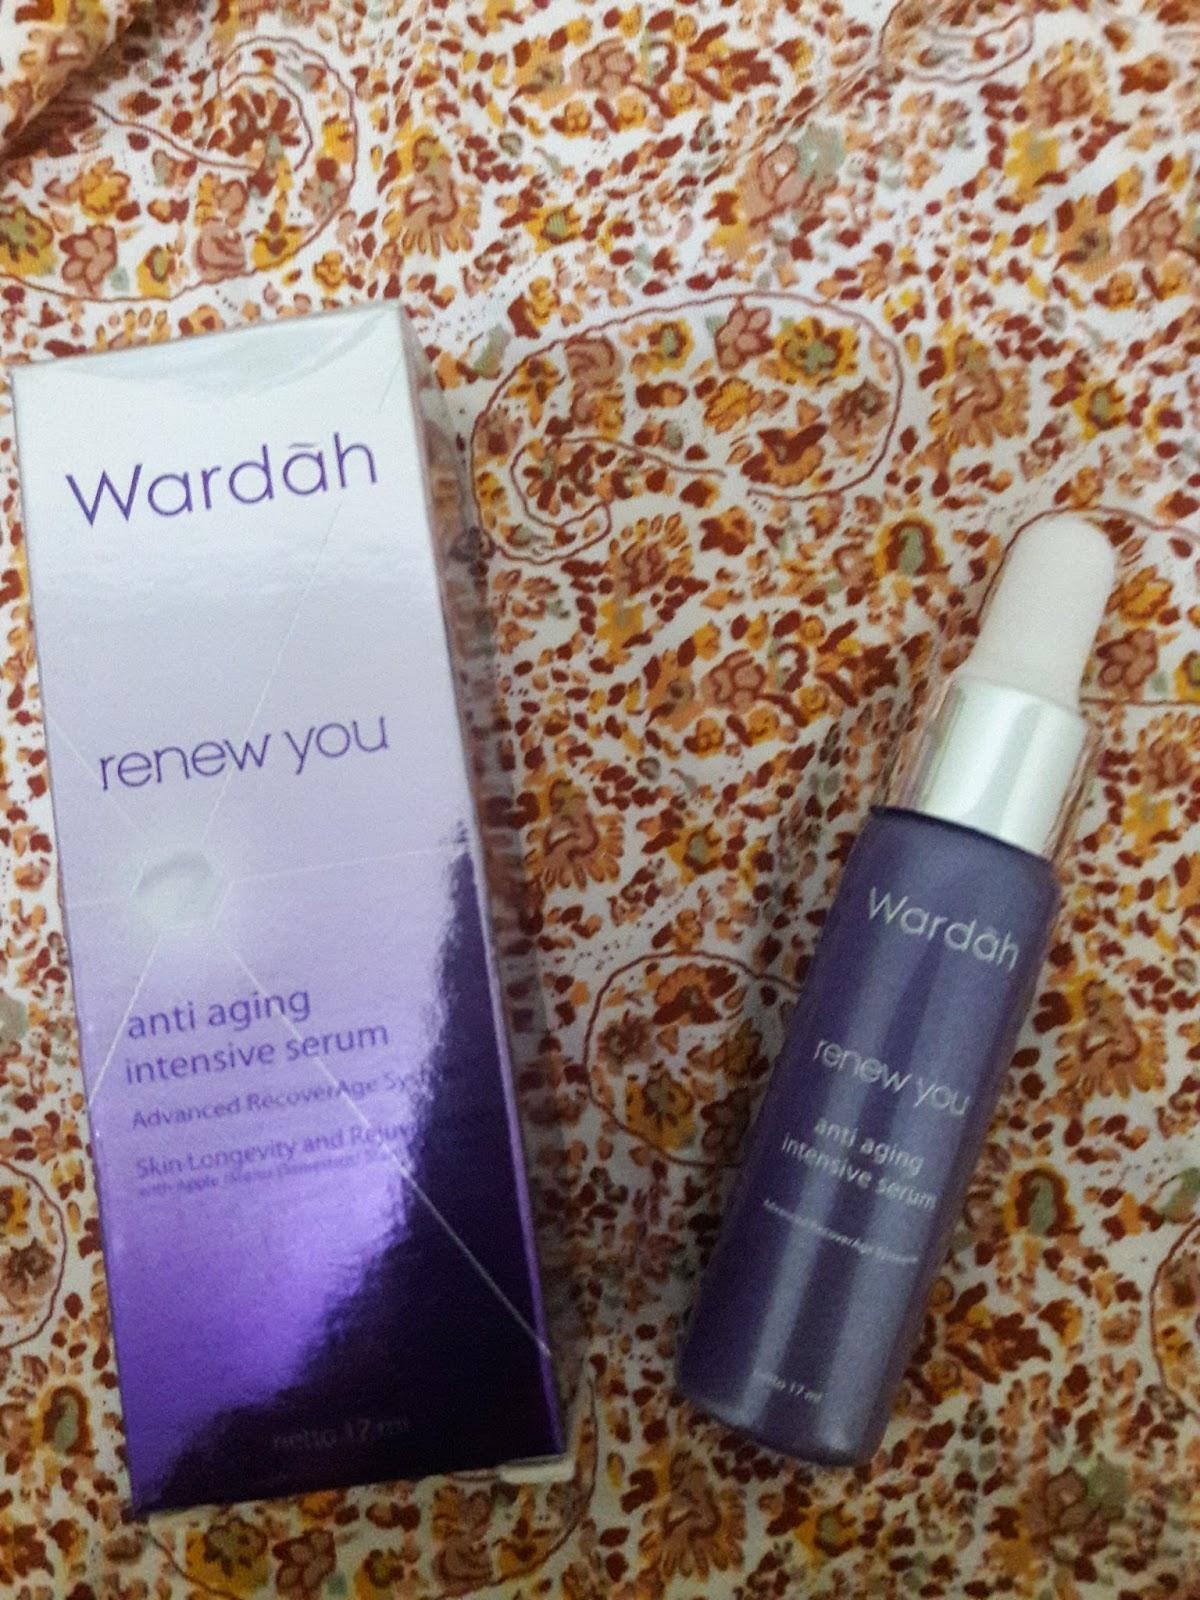 Wardah Renew You Anti Aging Intensive Serum Update Daftar Harga Night Cream 30 G Untuk Kemasan Dan Ingredients Bisa Di Lihat Pict